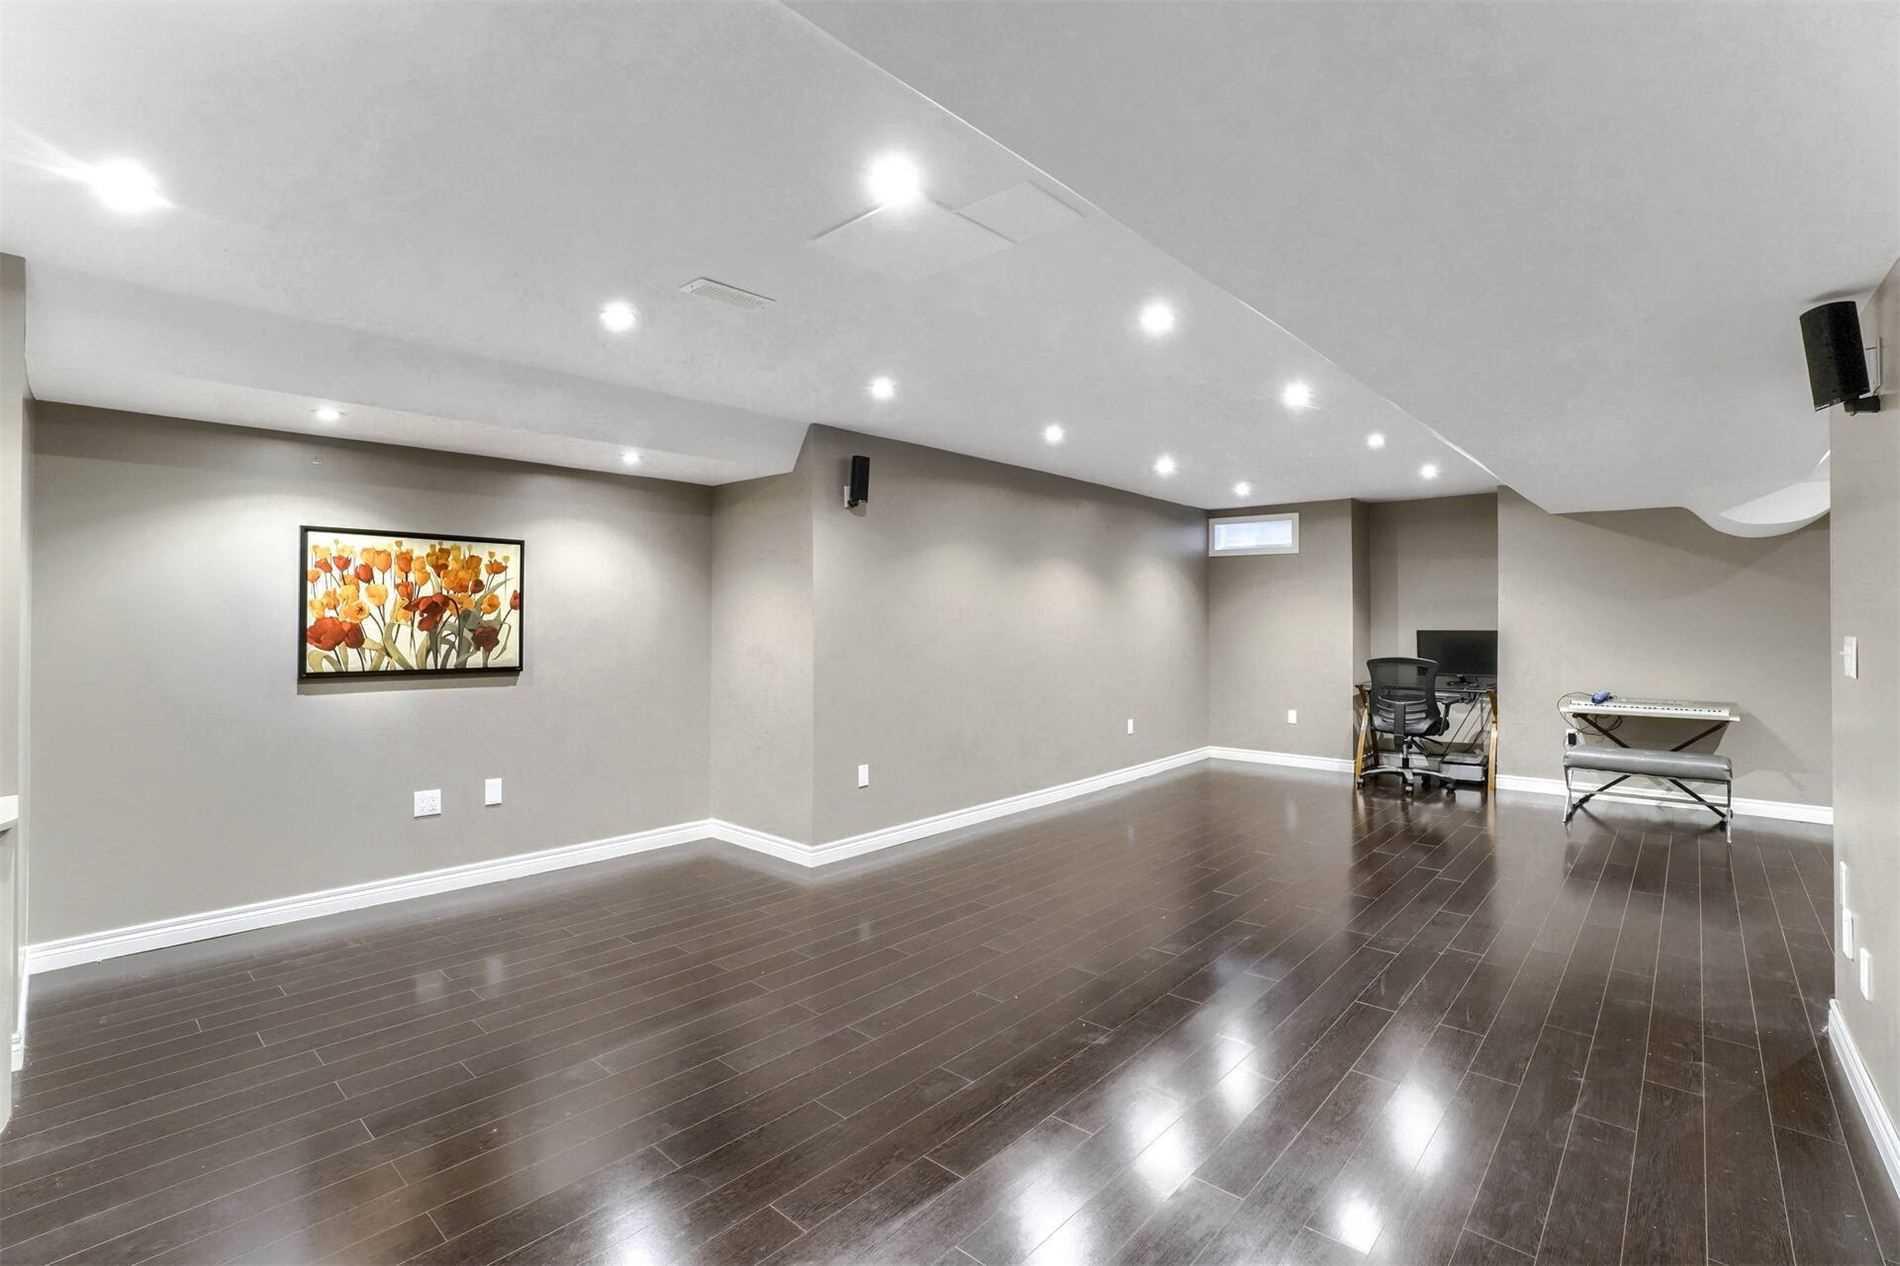 909 Hepburn Rd - Coates Detached for sale, 4 Bedrooms (W5398610) - #35